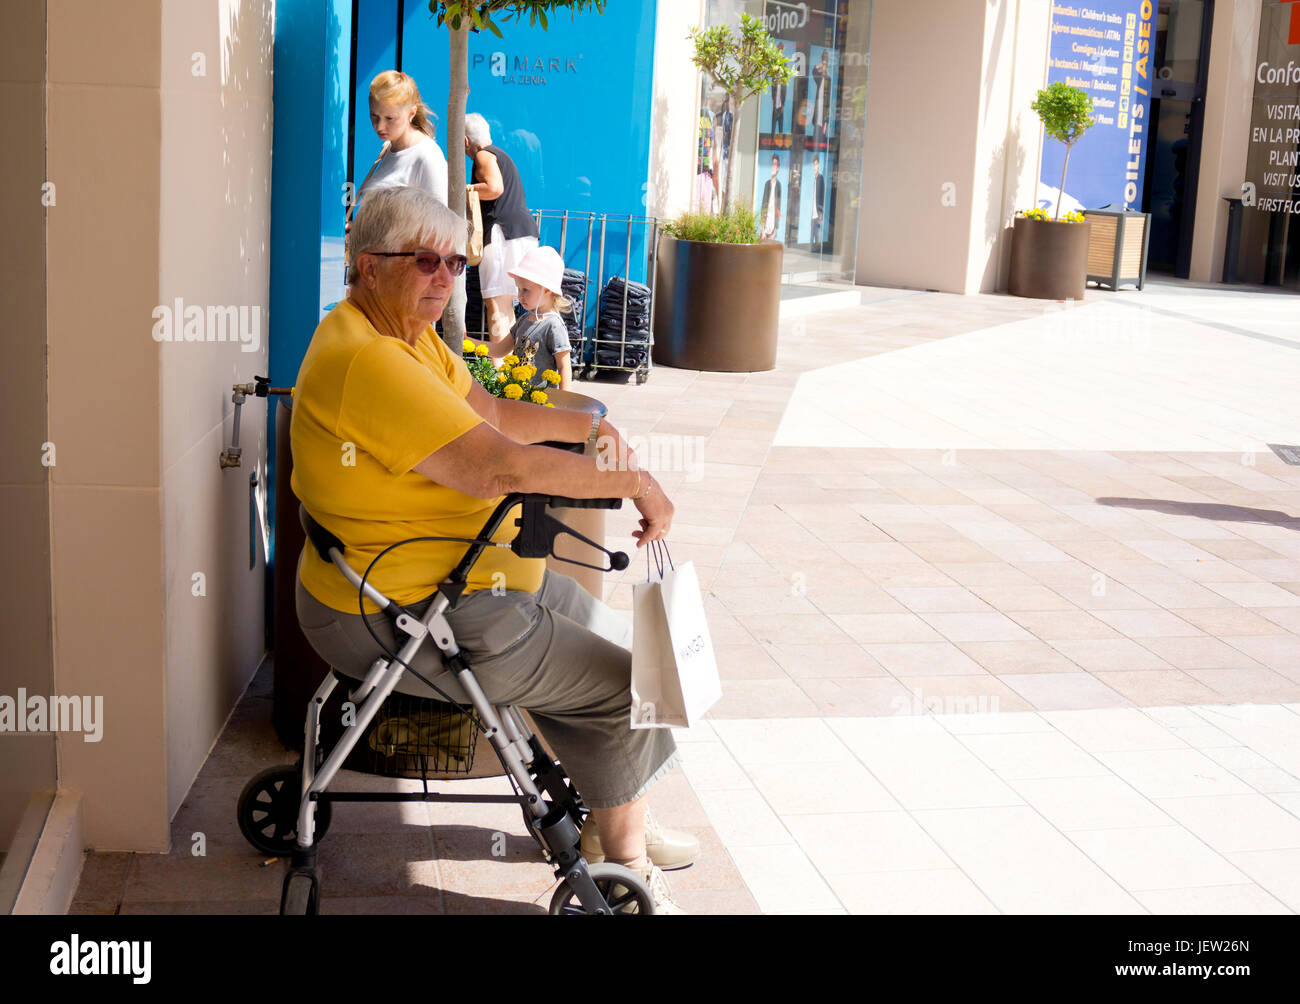 Femme avec aide à la marche assis à l'extérieur d'une boutique Photo Stock